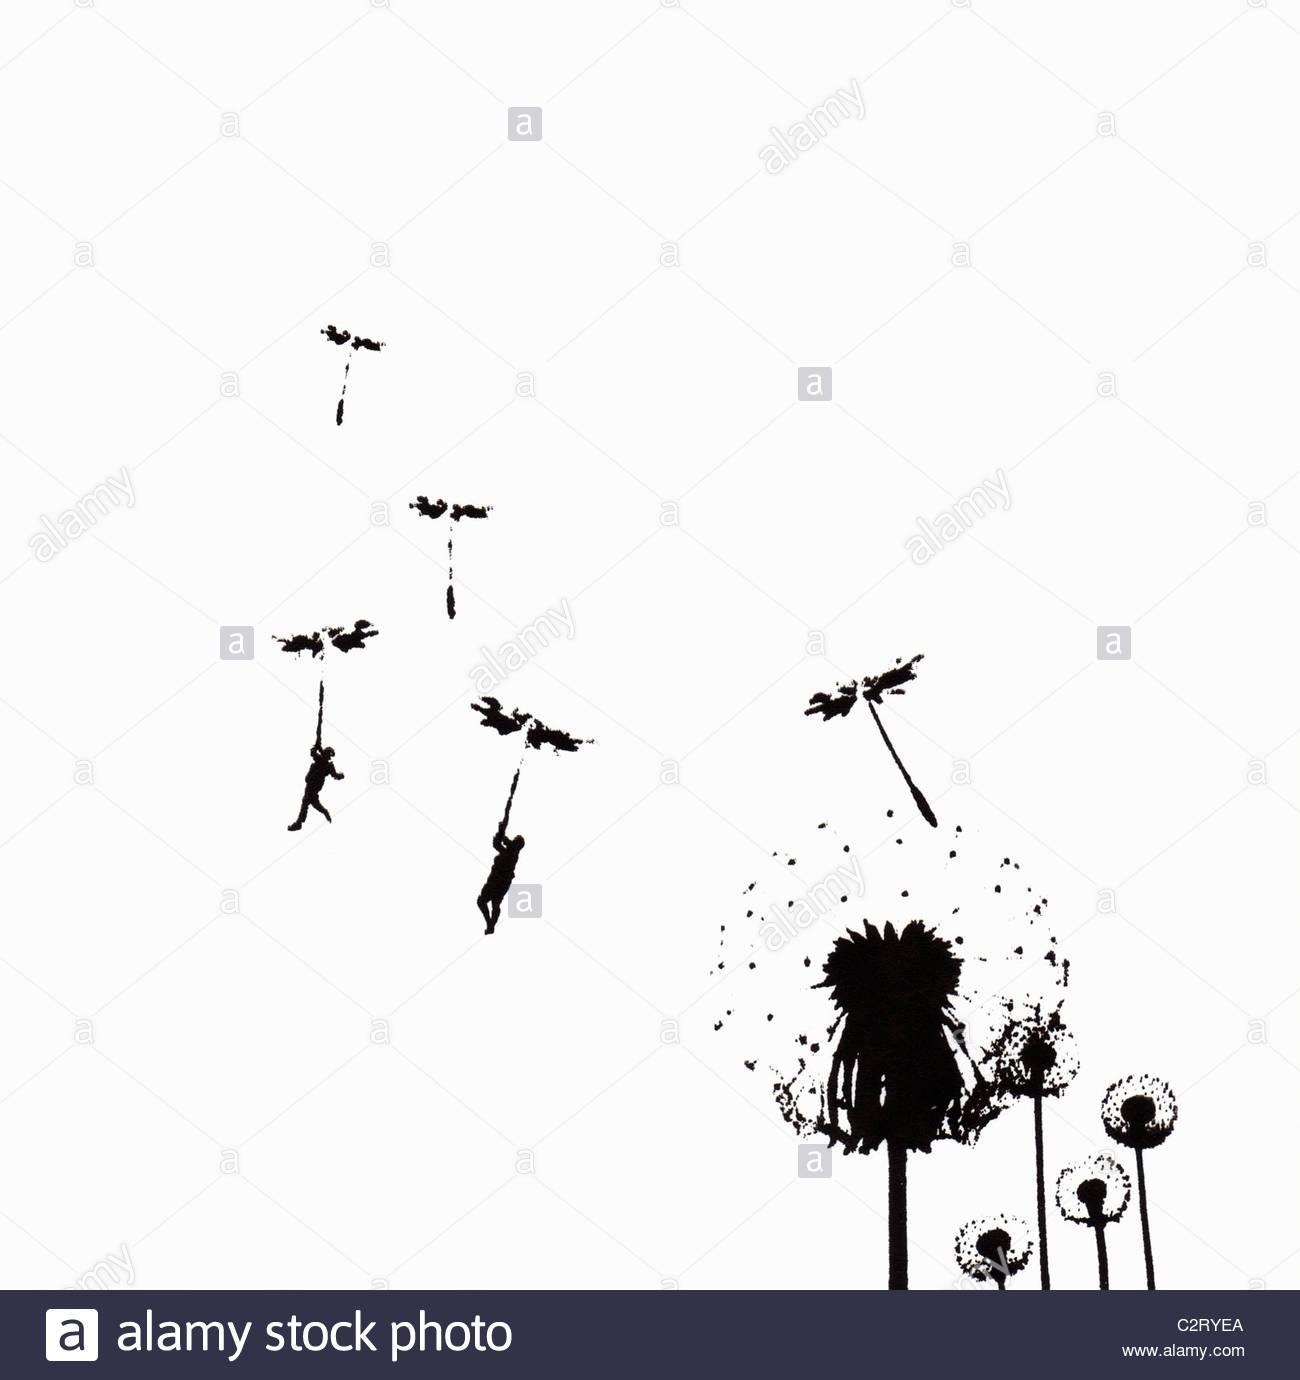 La gente flotando sobre semillas de diente de león Imagen De Stock